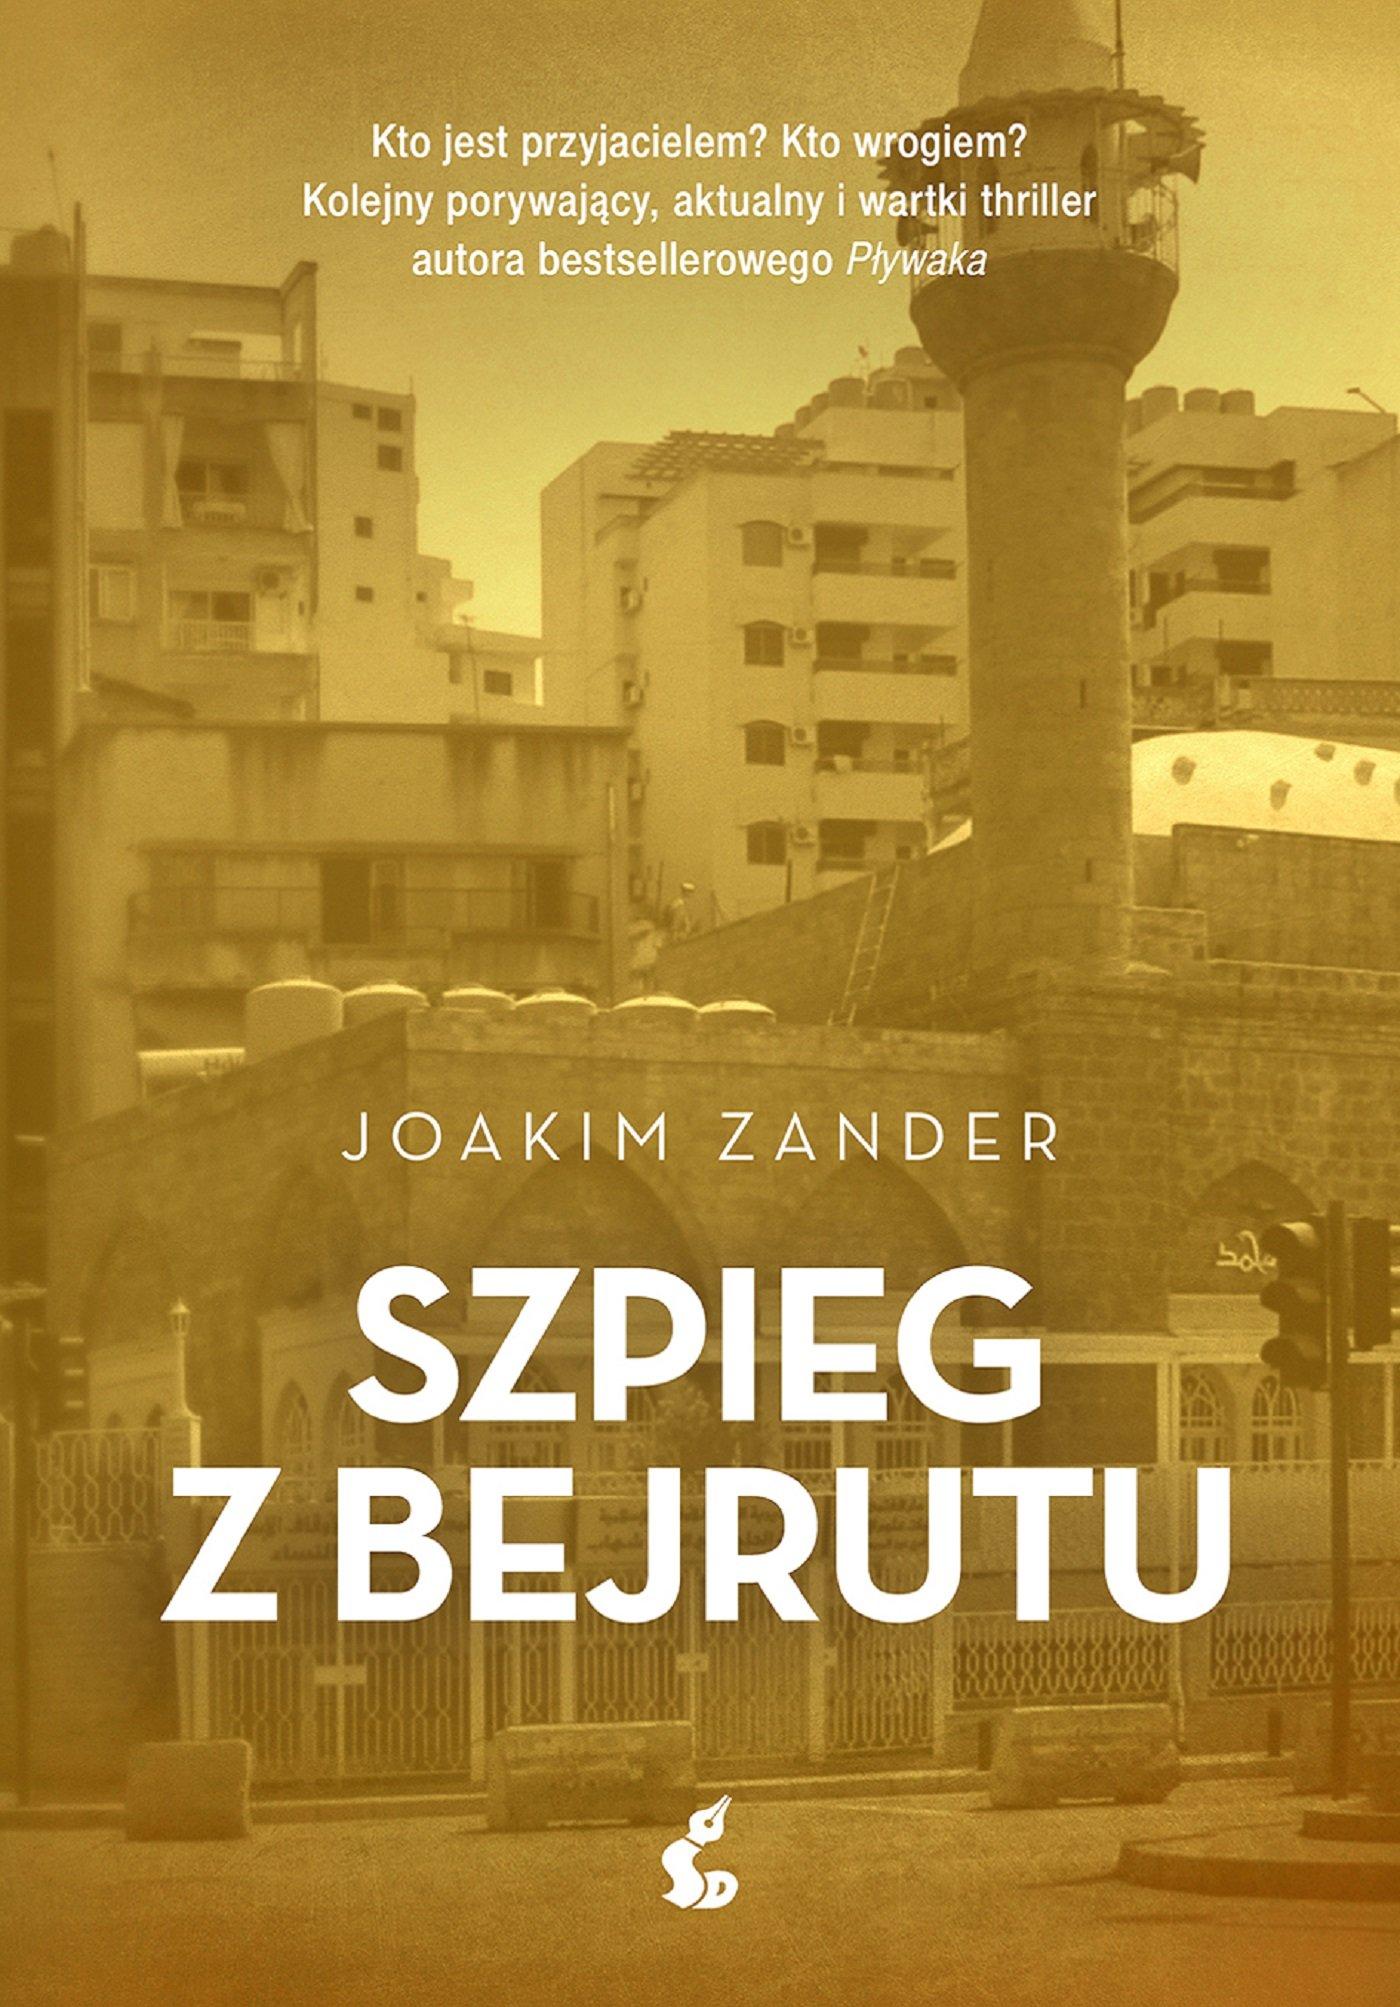 Szpieg z Bejrutu - Ebook (Książka EPUB) do pobrania w formacie EPUB